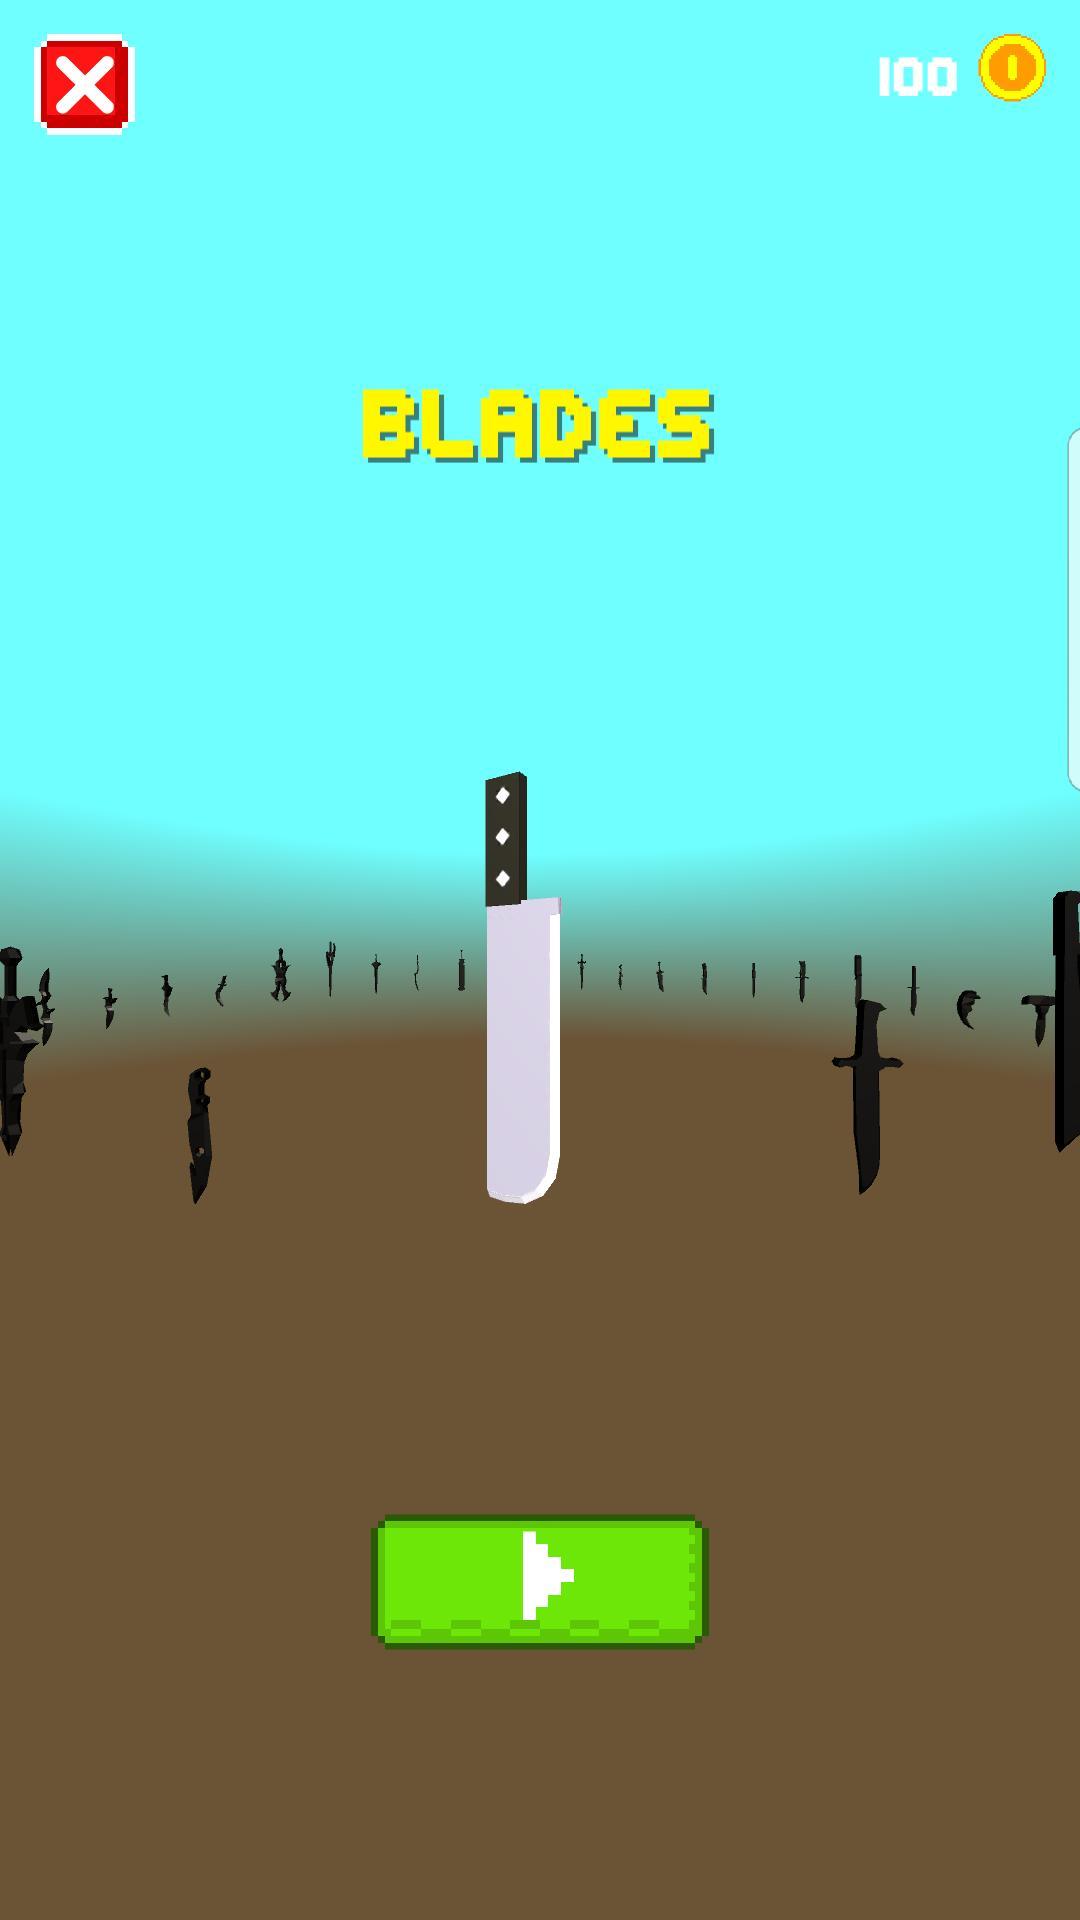 Infinity blade saga apk english | Infinity Blade Saga For PC